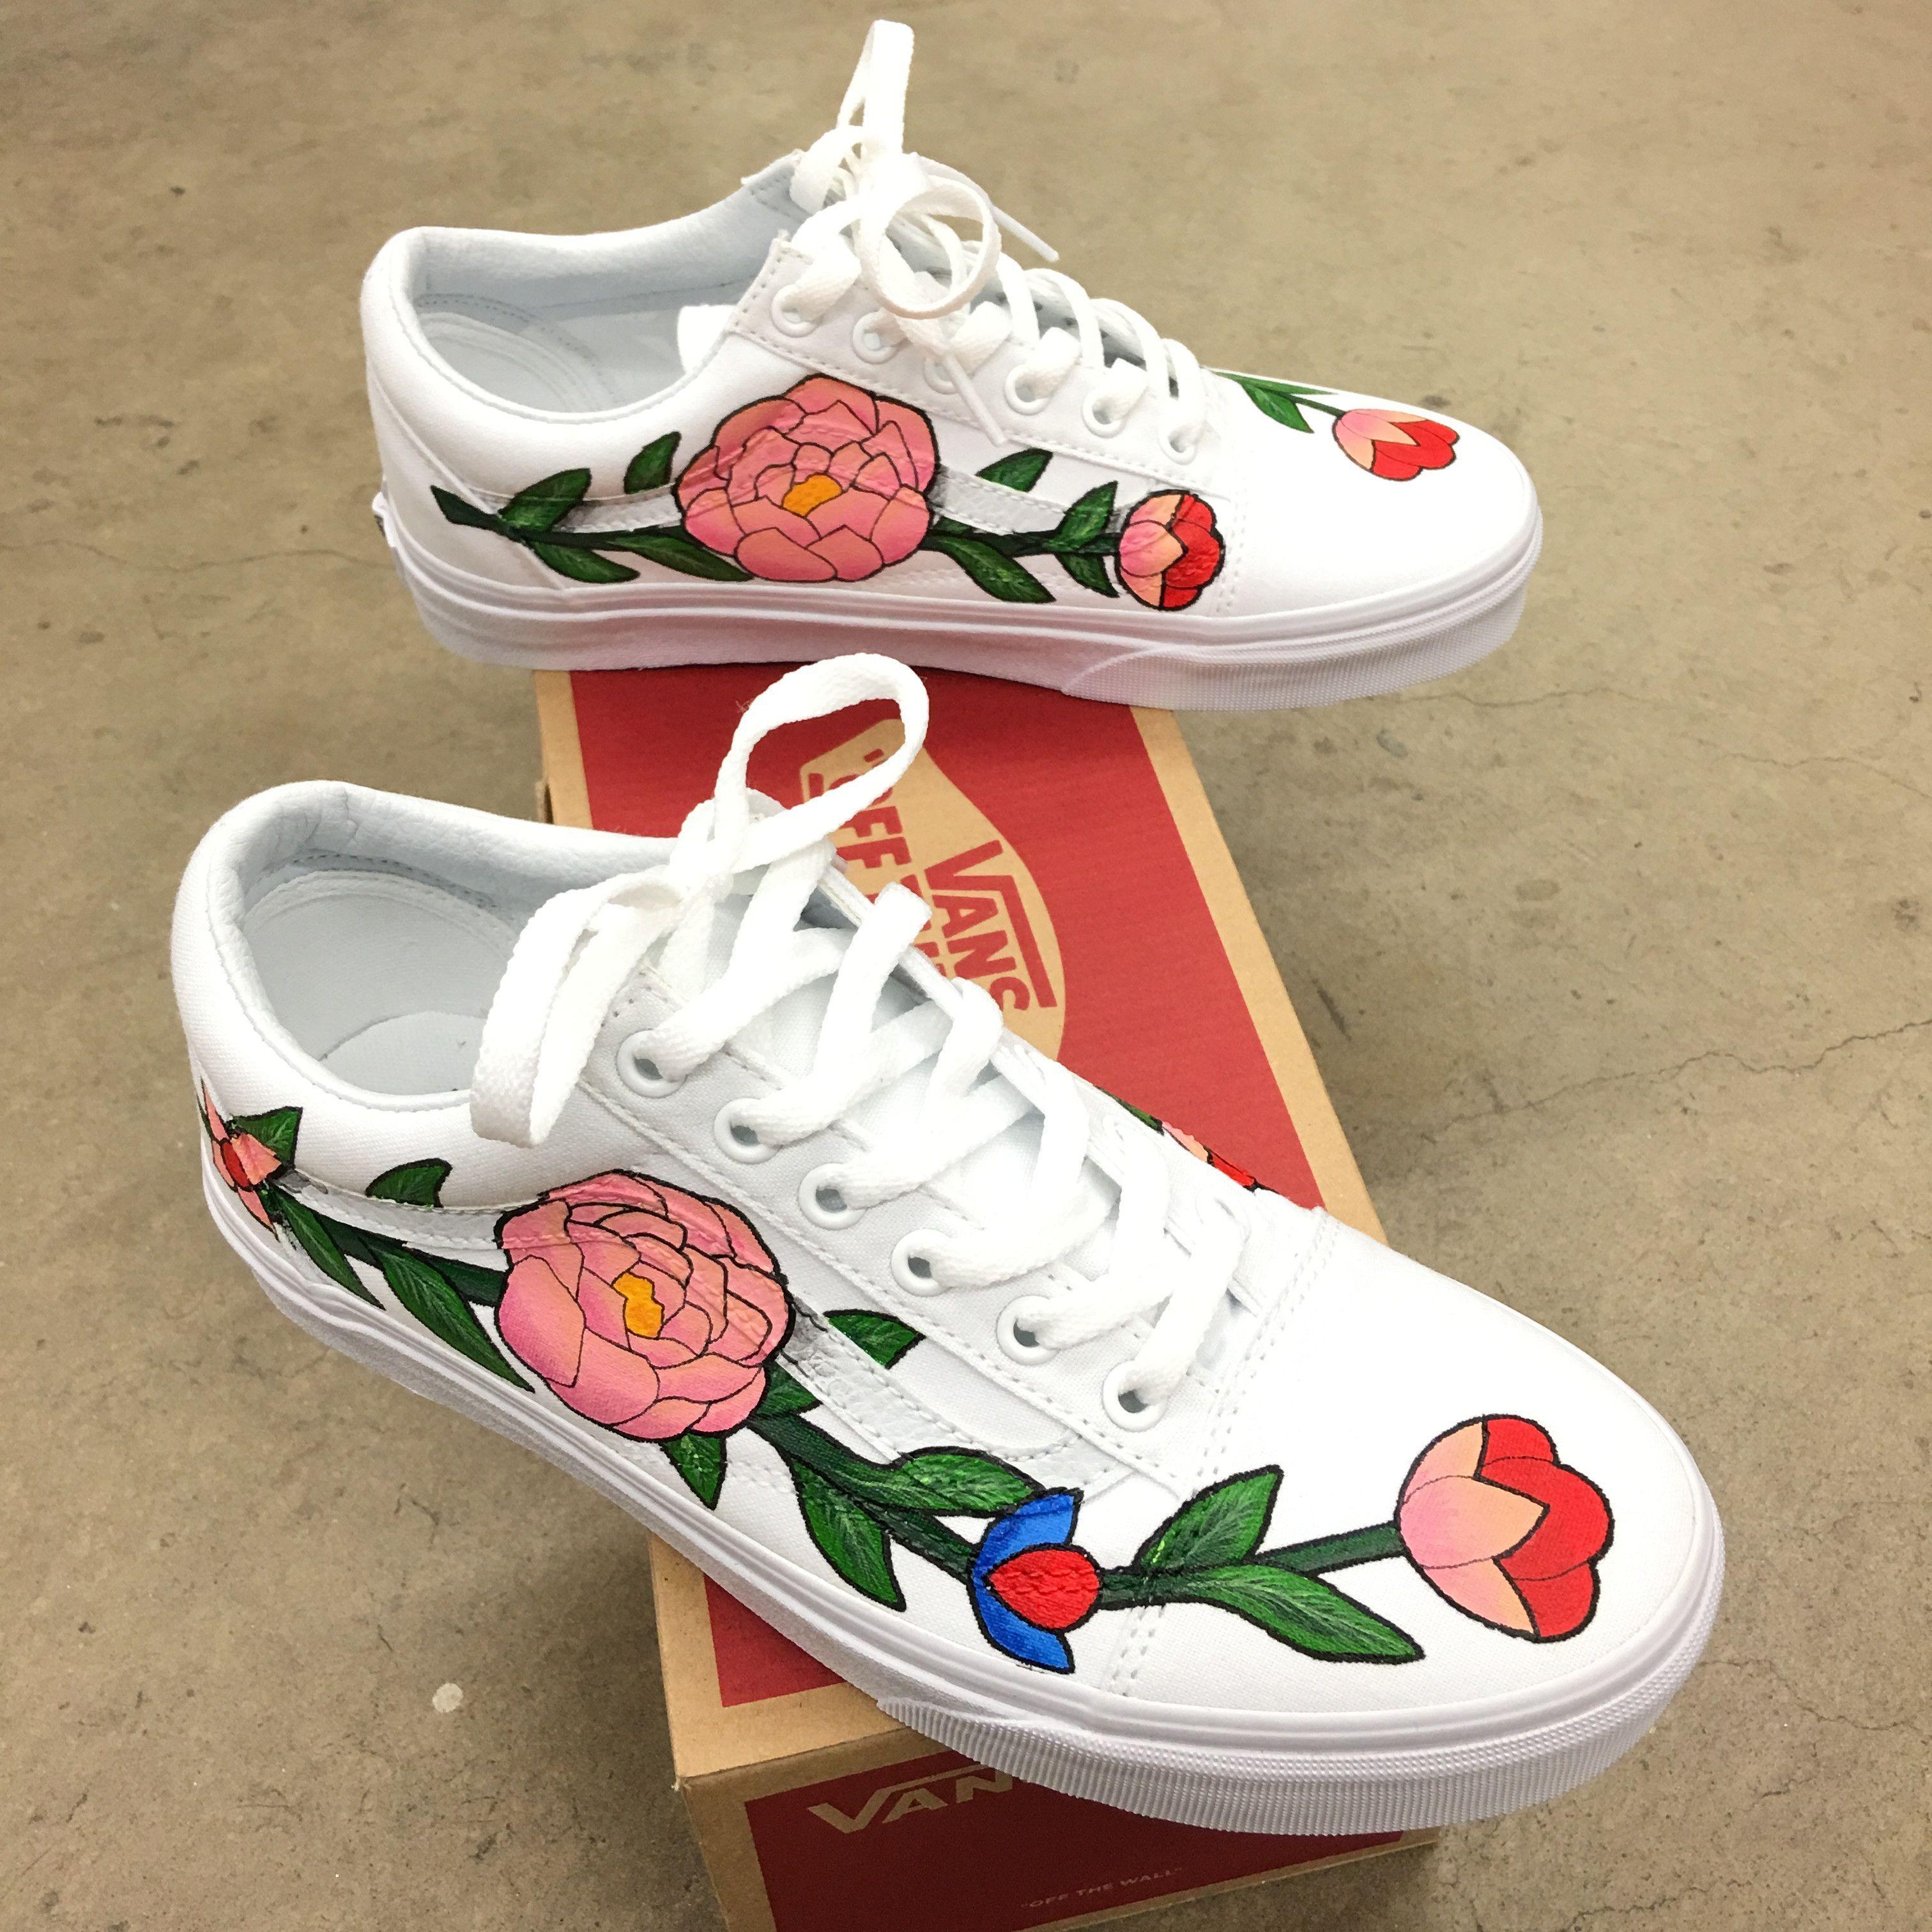 Custom Painted Vans Old Skool - Flower